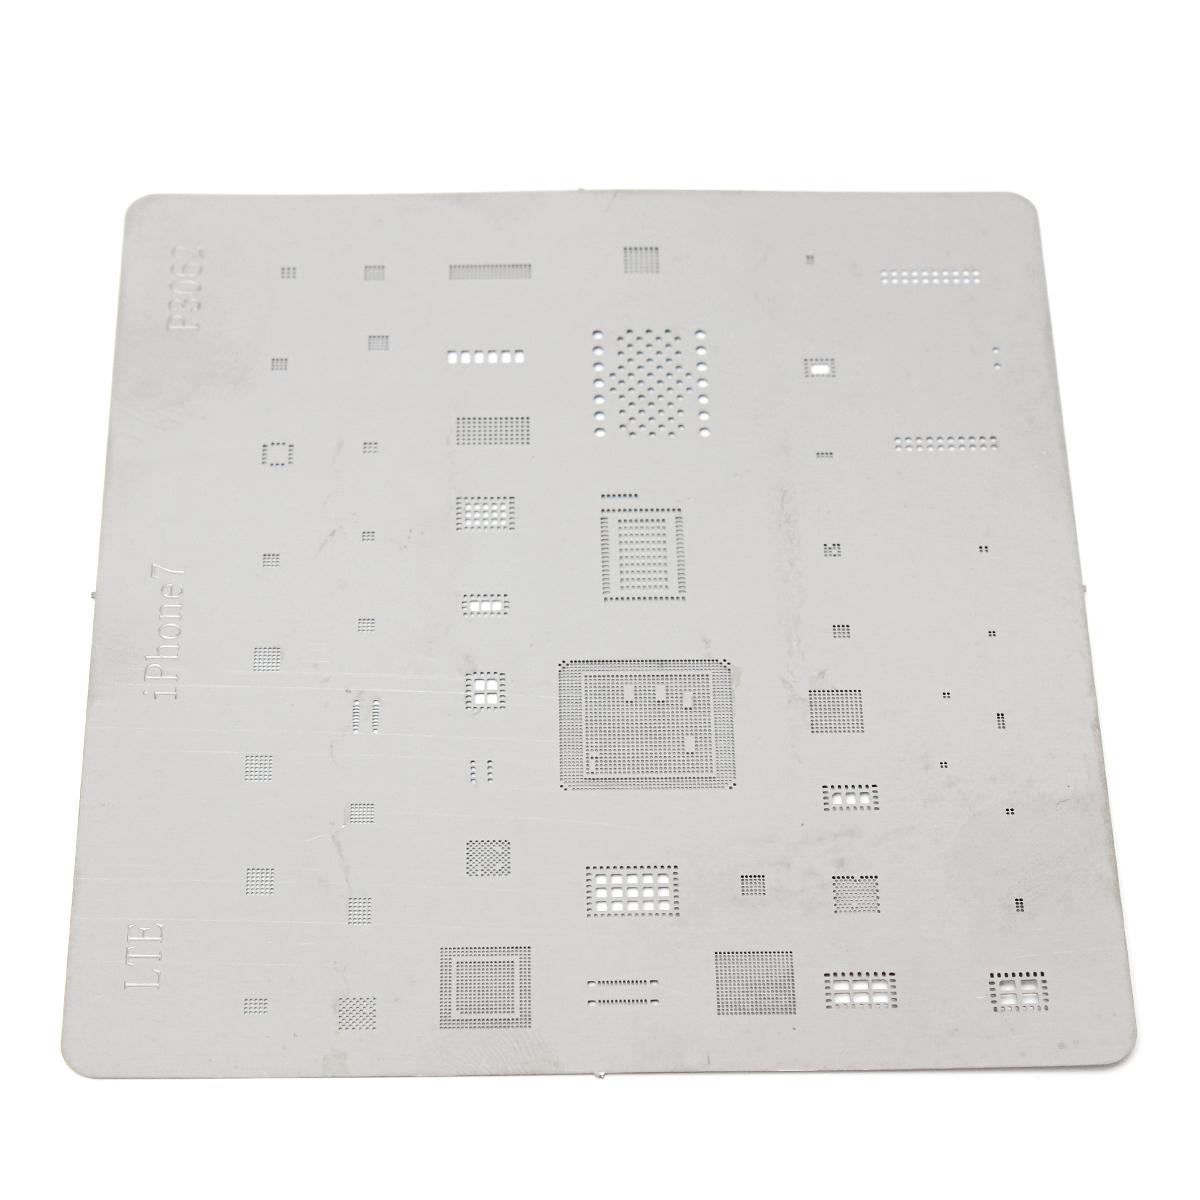 IC Repair BGA for iPhone 7 Rework Reballing Stencil Template Components